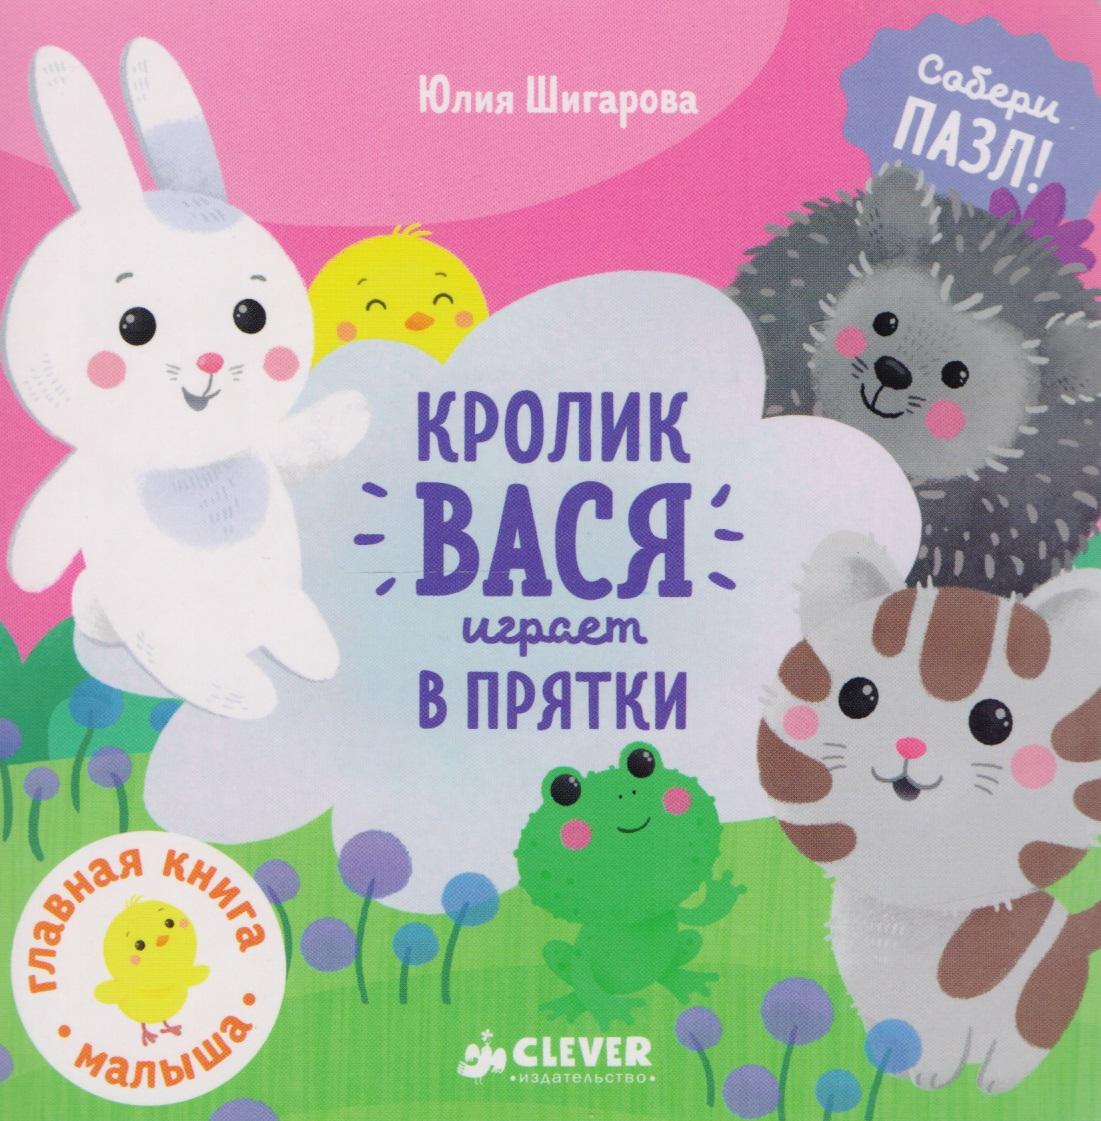 Шигарова Ю. Кролик Вася играет в прятки п нюрец лучшие современные художники том 15 вася ложкин